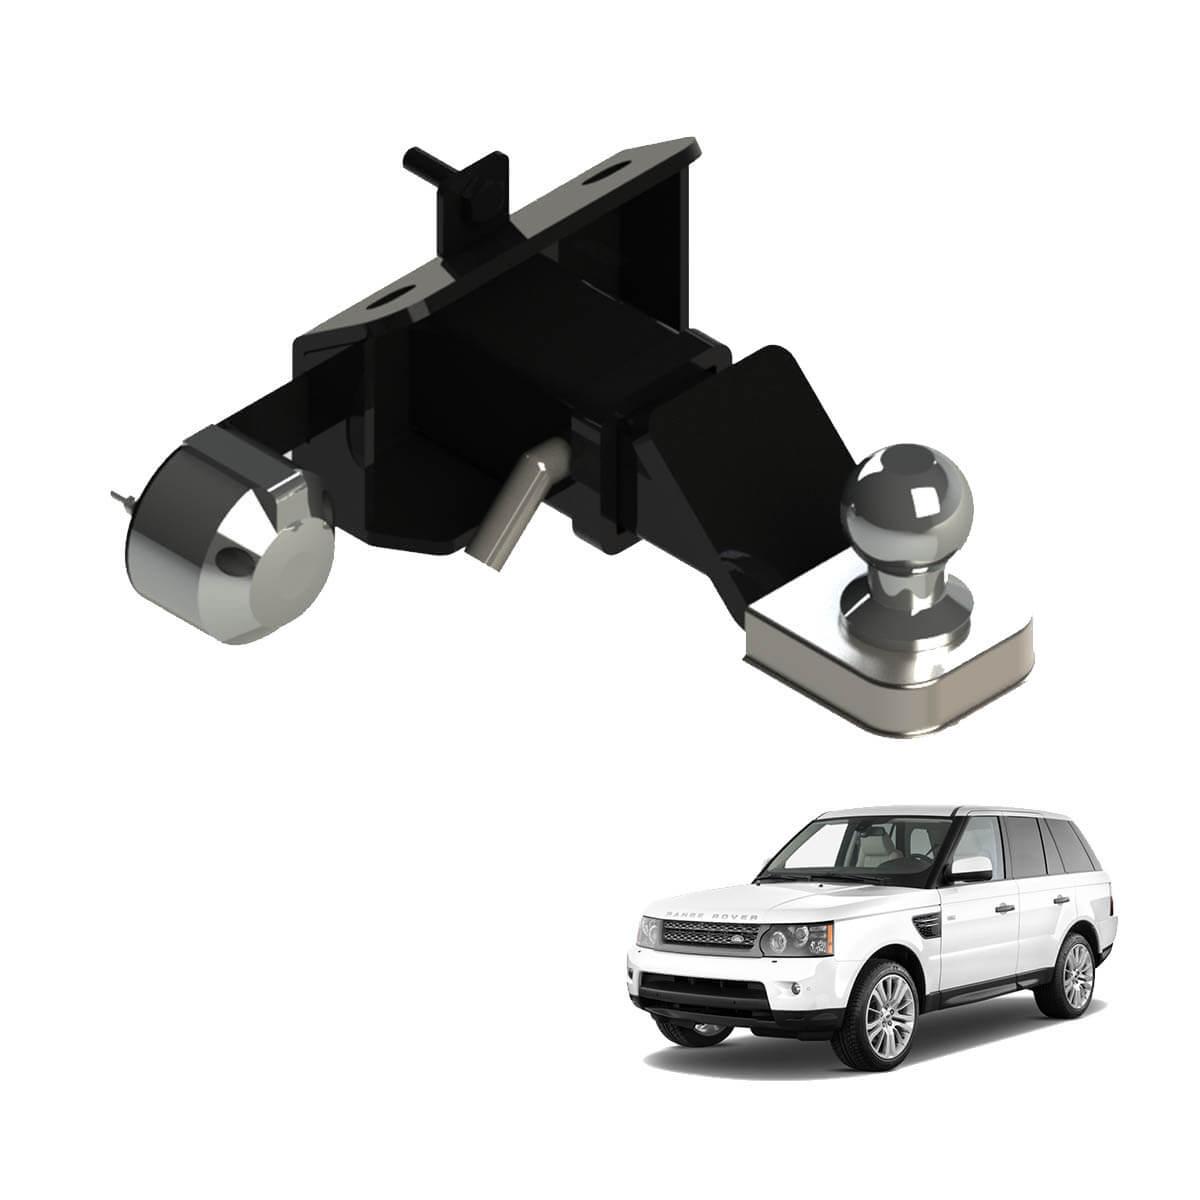 Engate de reboque Range Rover Sport 2006 a 2013 removível 1000 Kg